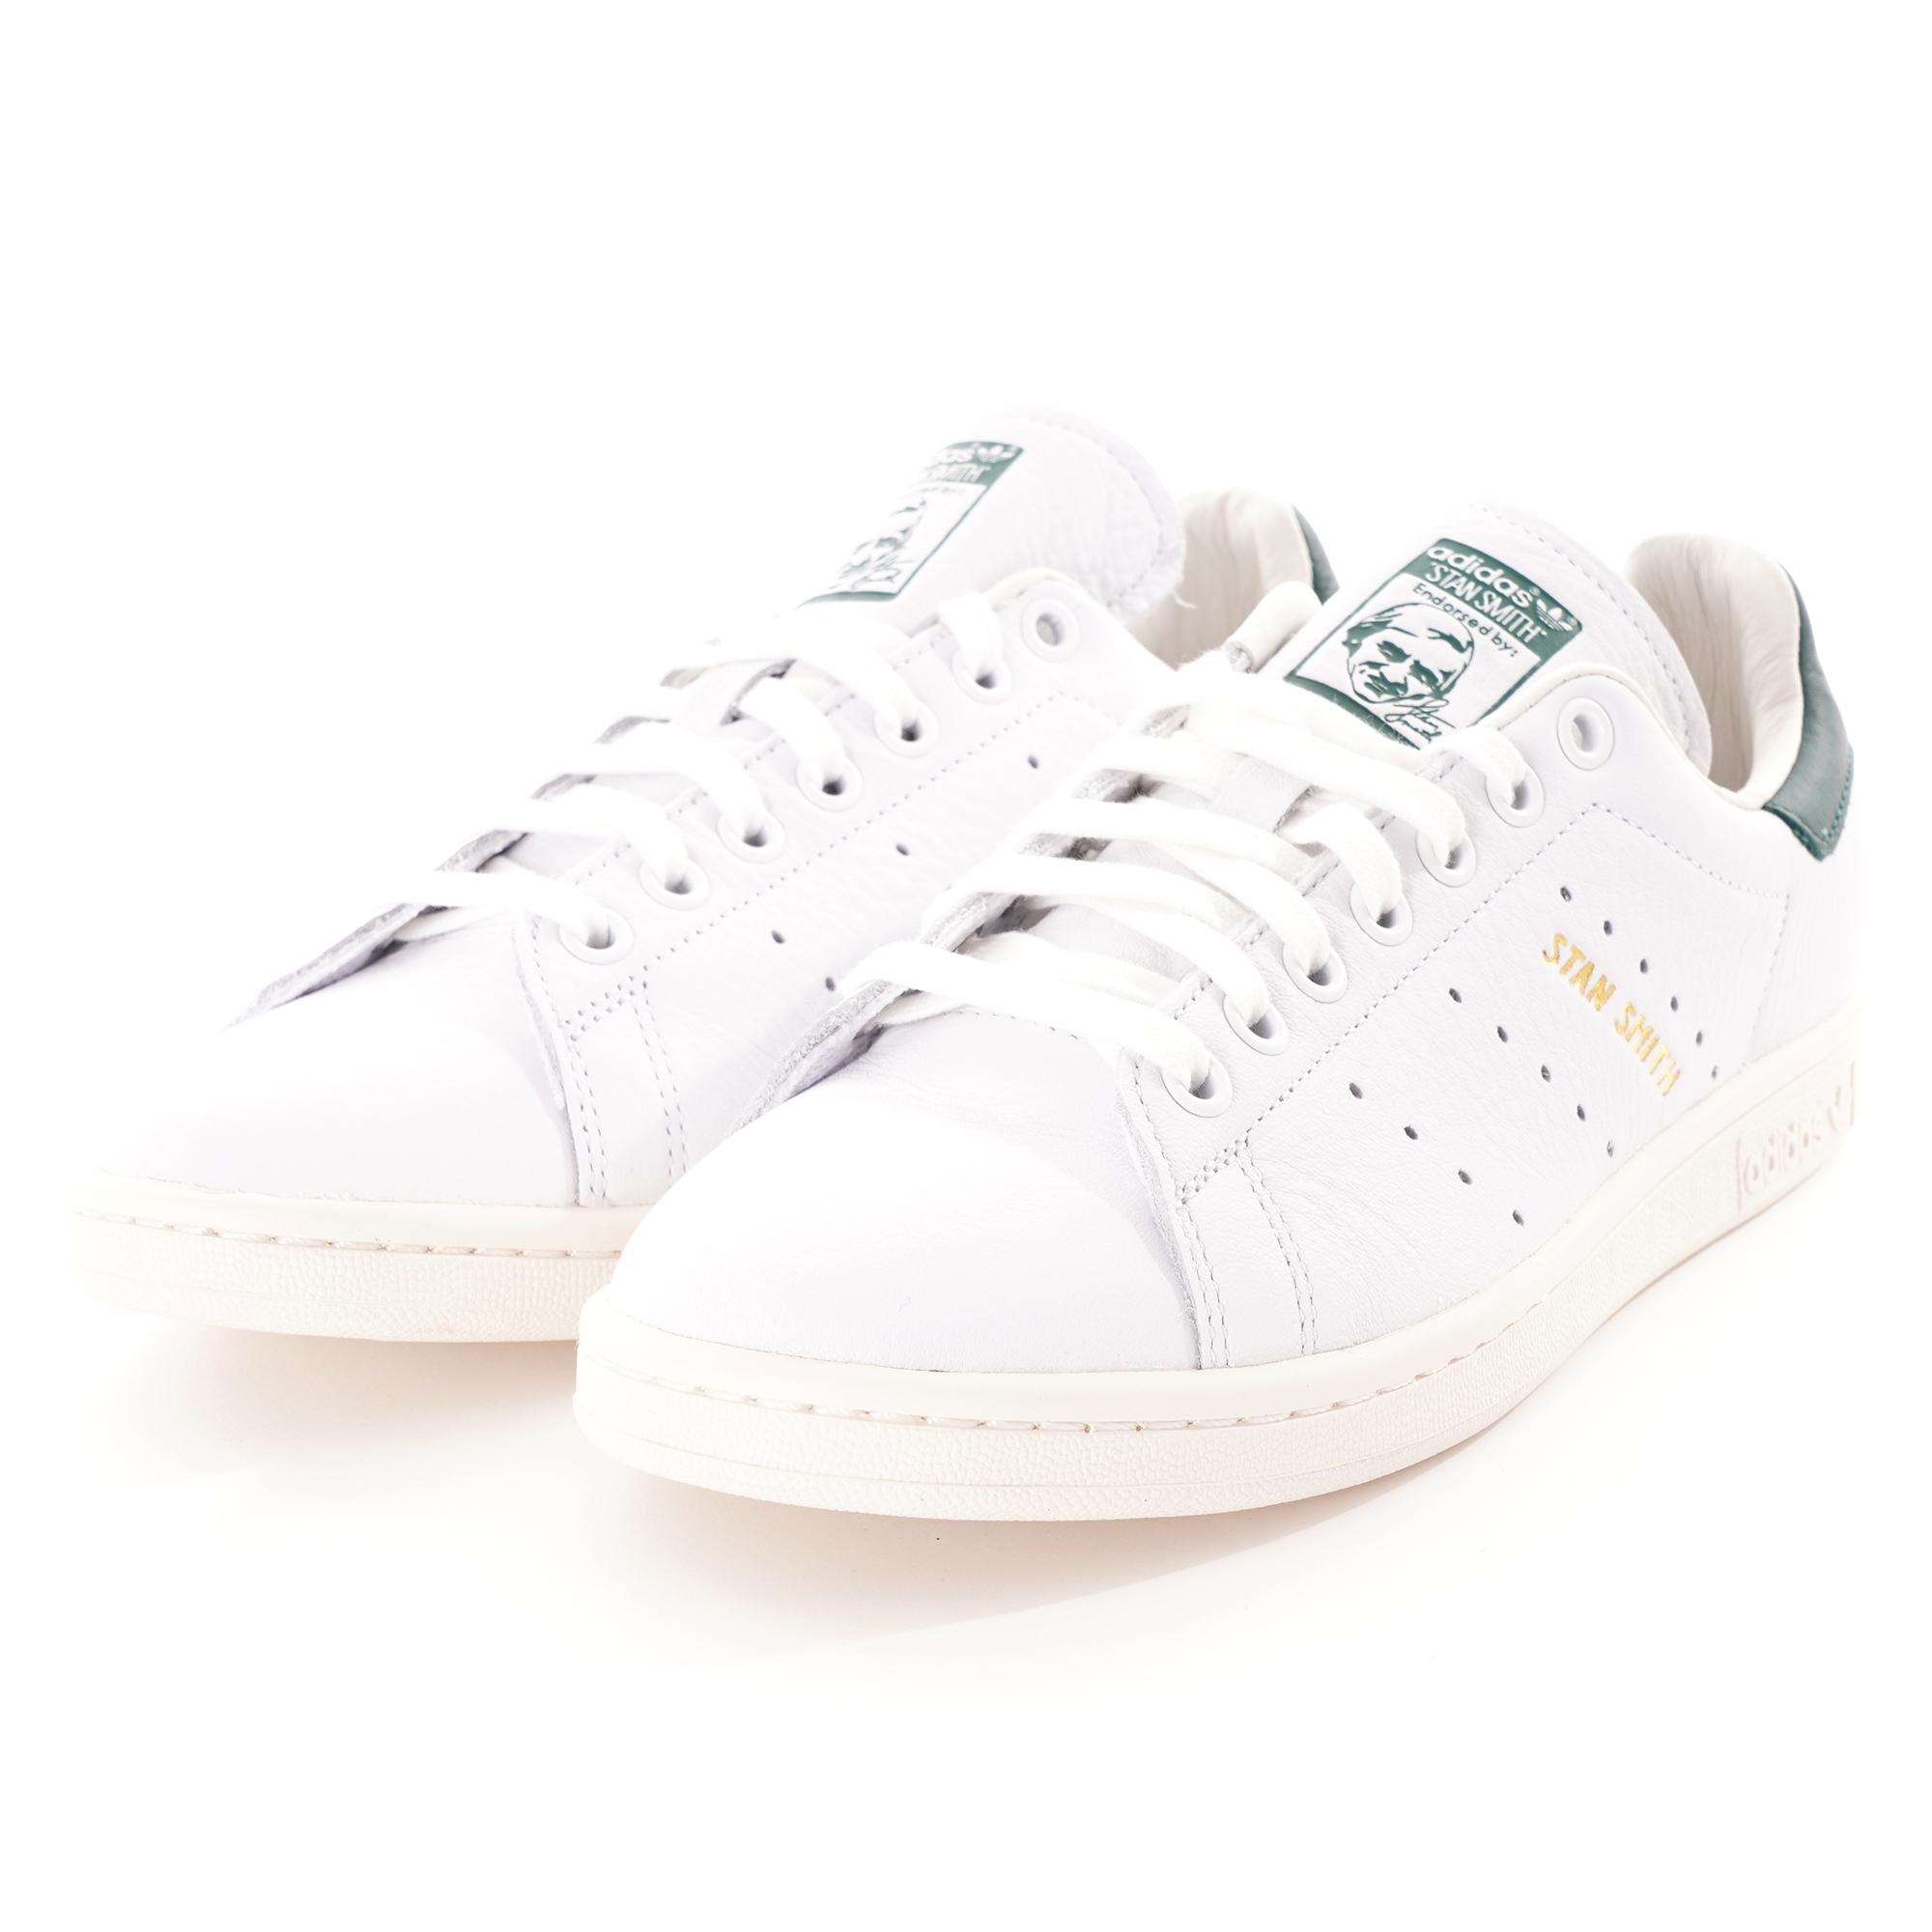 Adidas Stan Smith Ftwr White